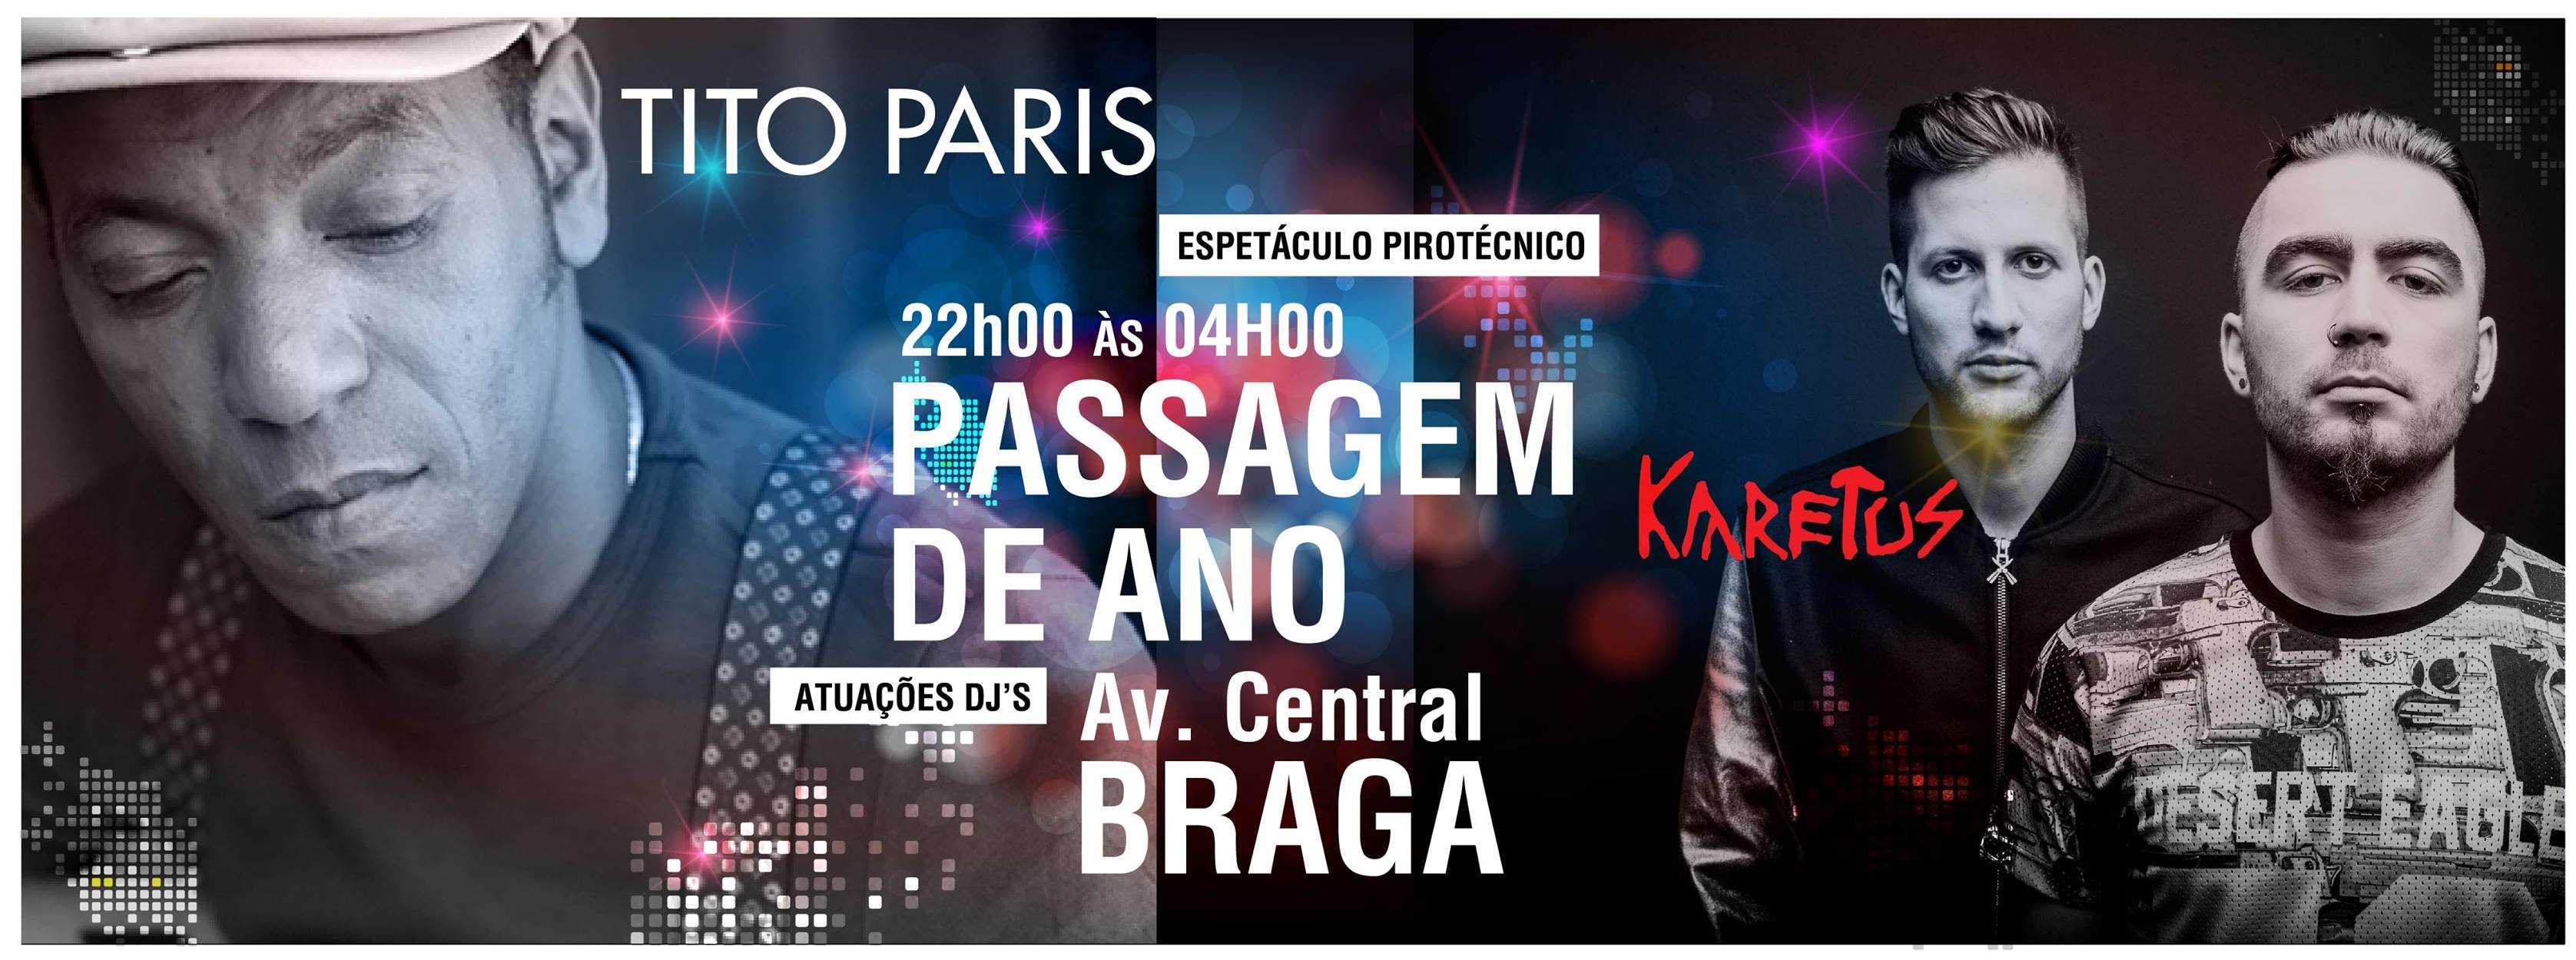 Passagem de Ano - Acenida Central, Braga